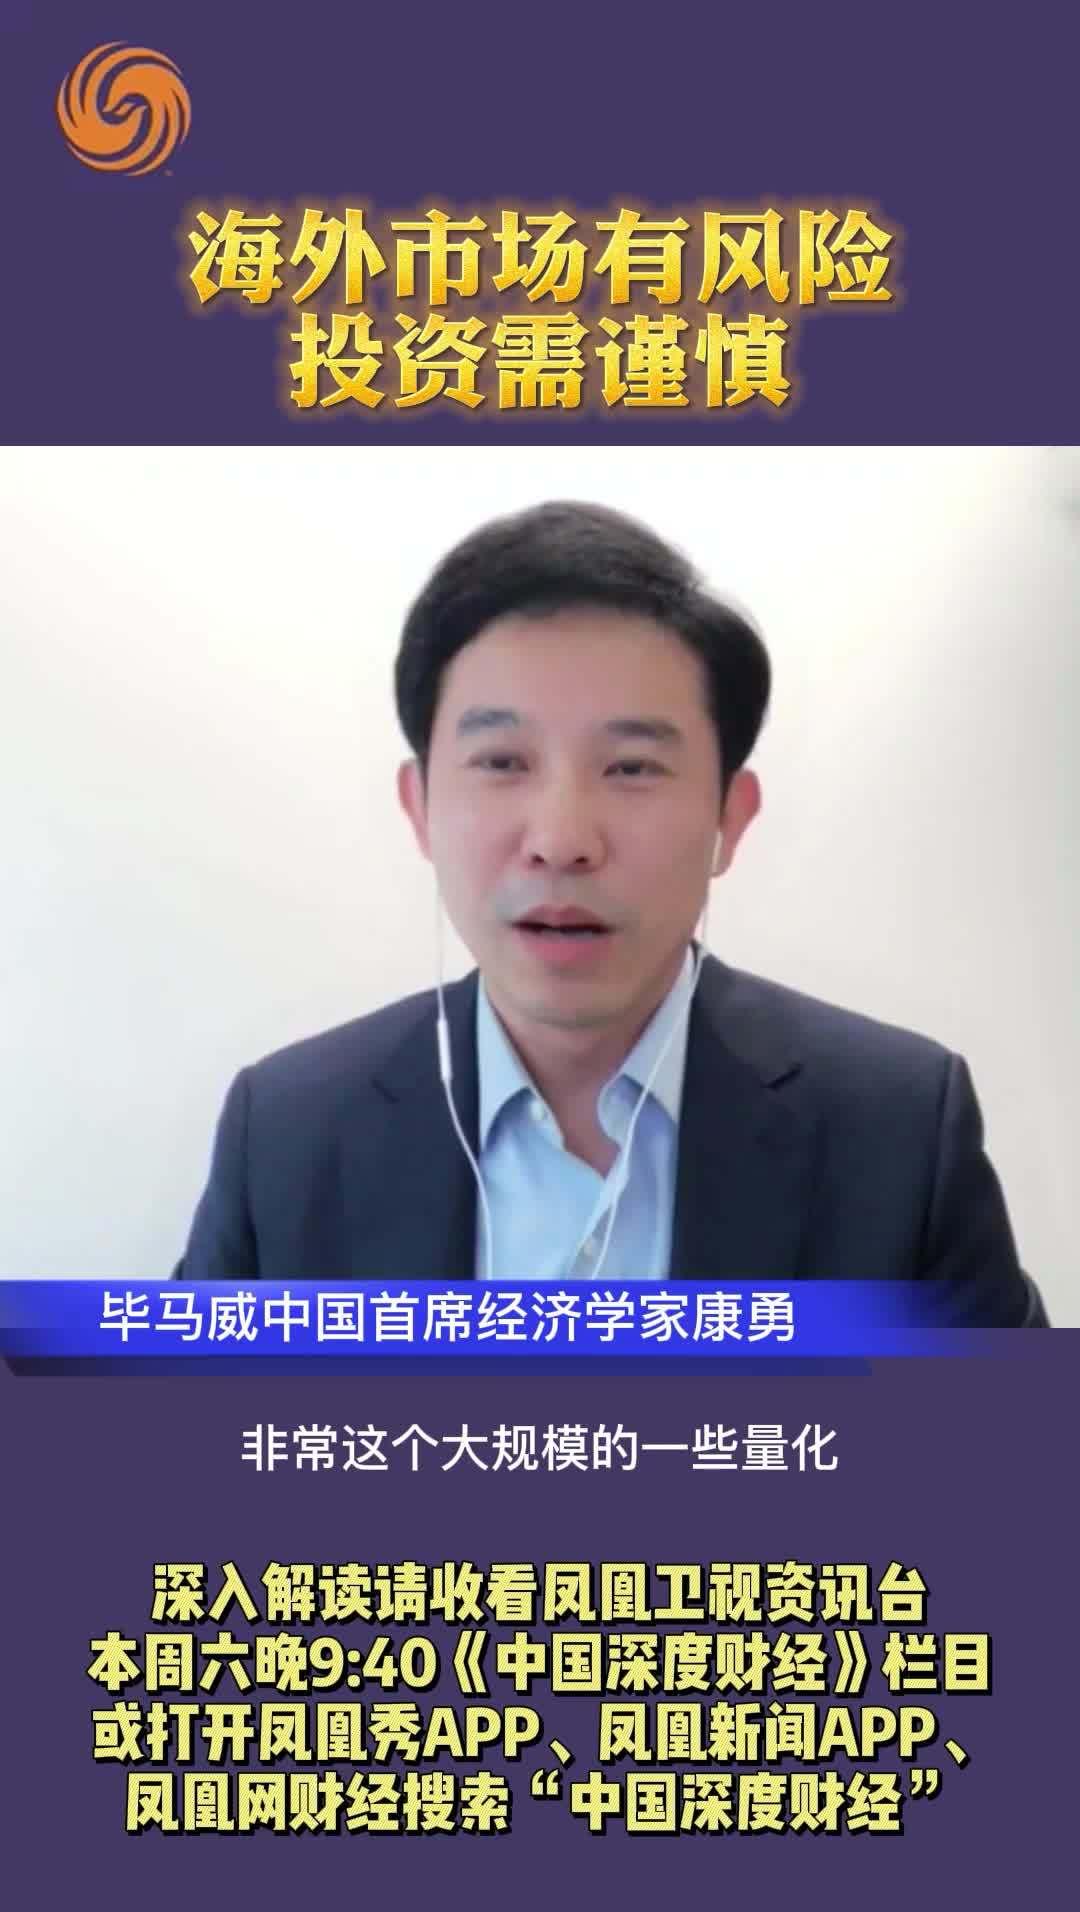 毕马威中国首席经济学家康勇:海外市场有风险,投资需谨慎